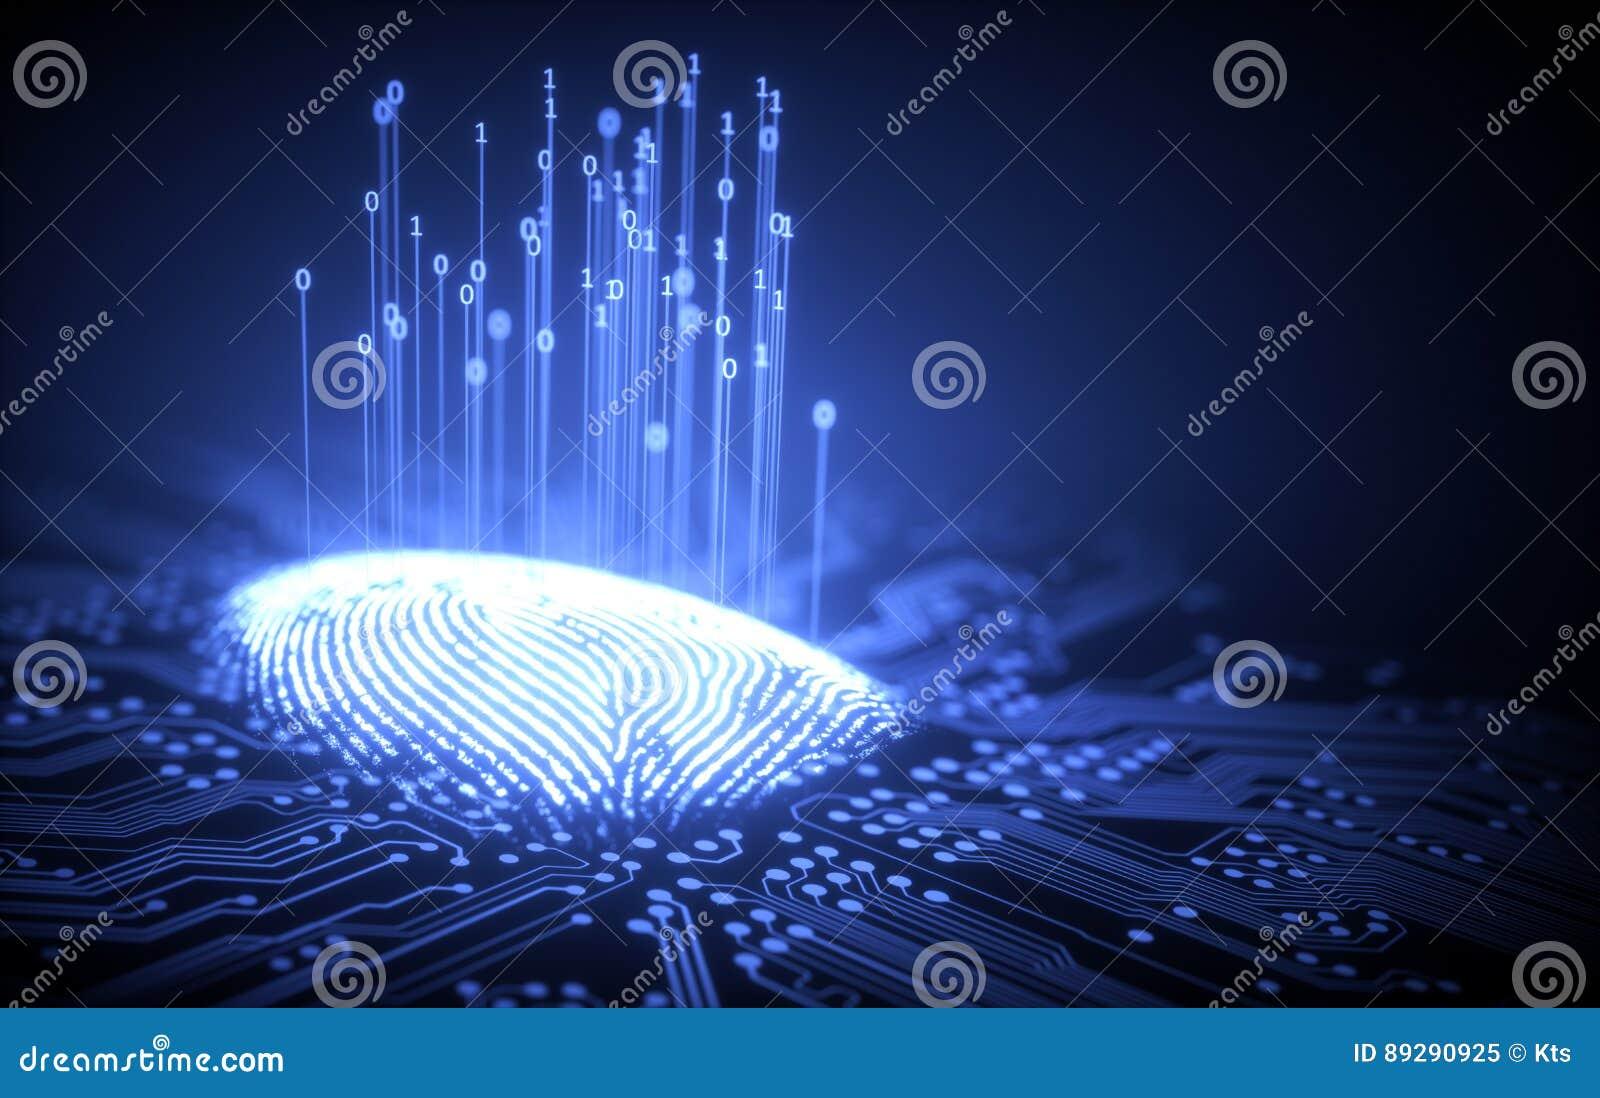 Microchip del binario de la huella dactilar